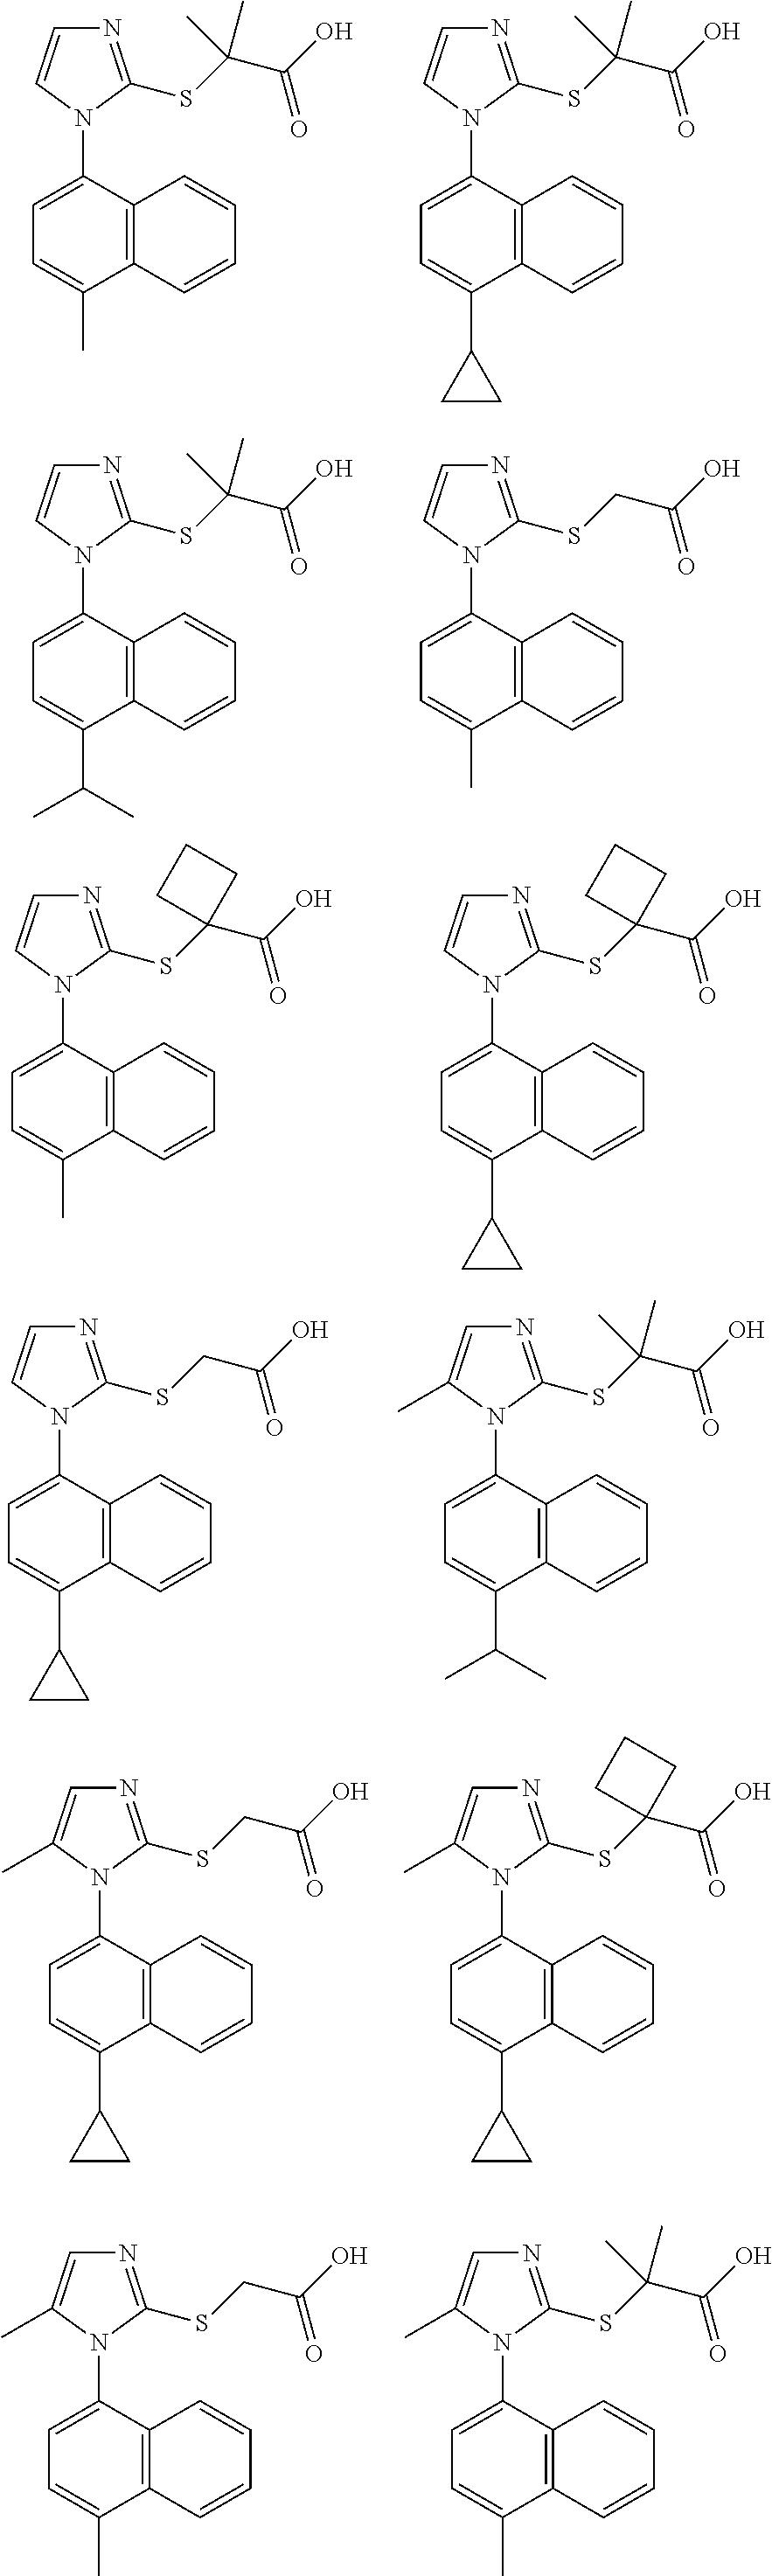 Figure US08283369-20121009-C00048